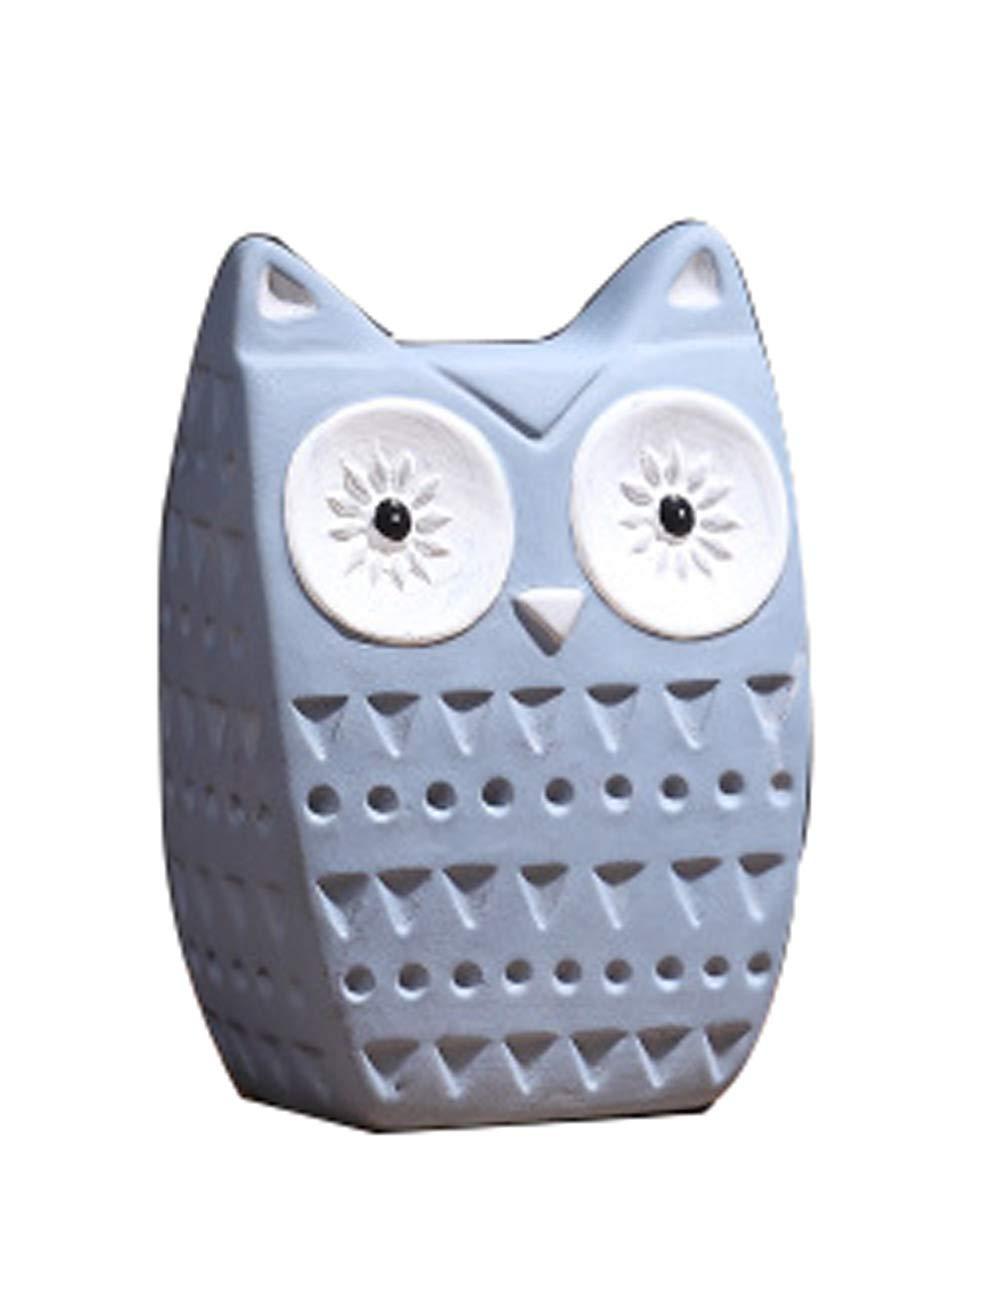 装飾品、樹脂材料のアートワーク、ヨーロッパスタイルの装飾、クリエイティブな動物のフクロウの工芸品 (色 : 青, サイズ さいず : B) B 青 B07JX84P3M